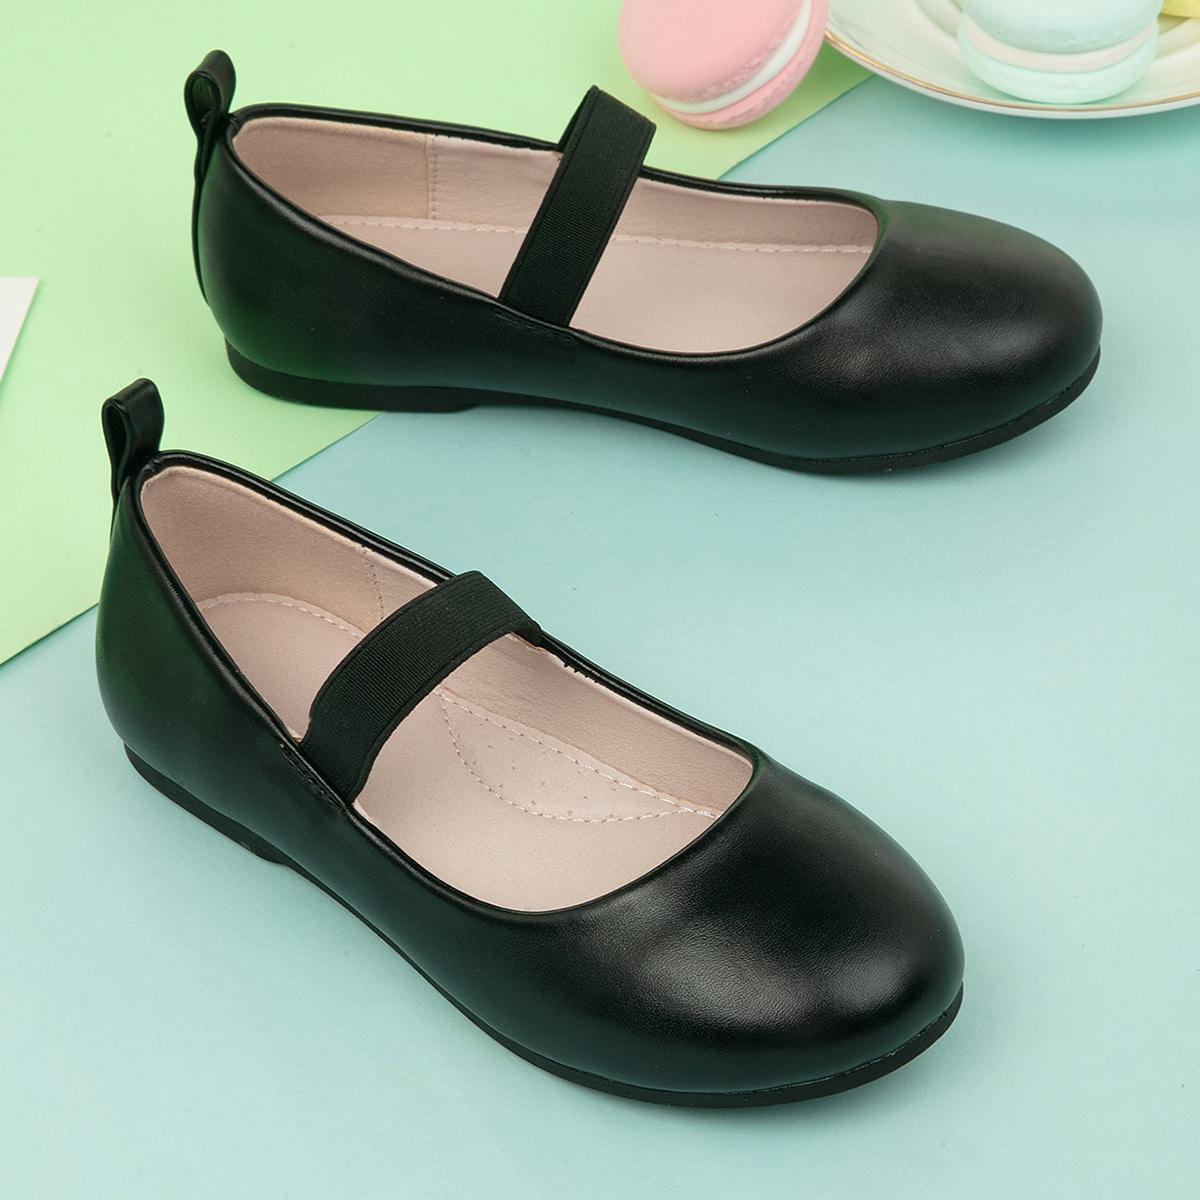 Минималистичные туфли мэри джейн для девочек от SHEIN